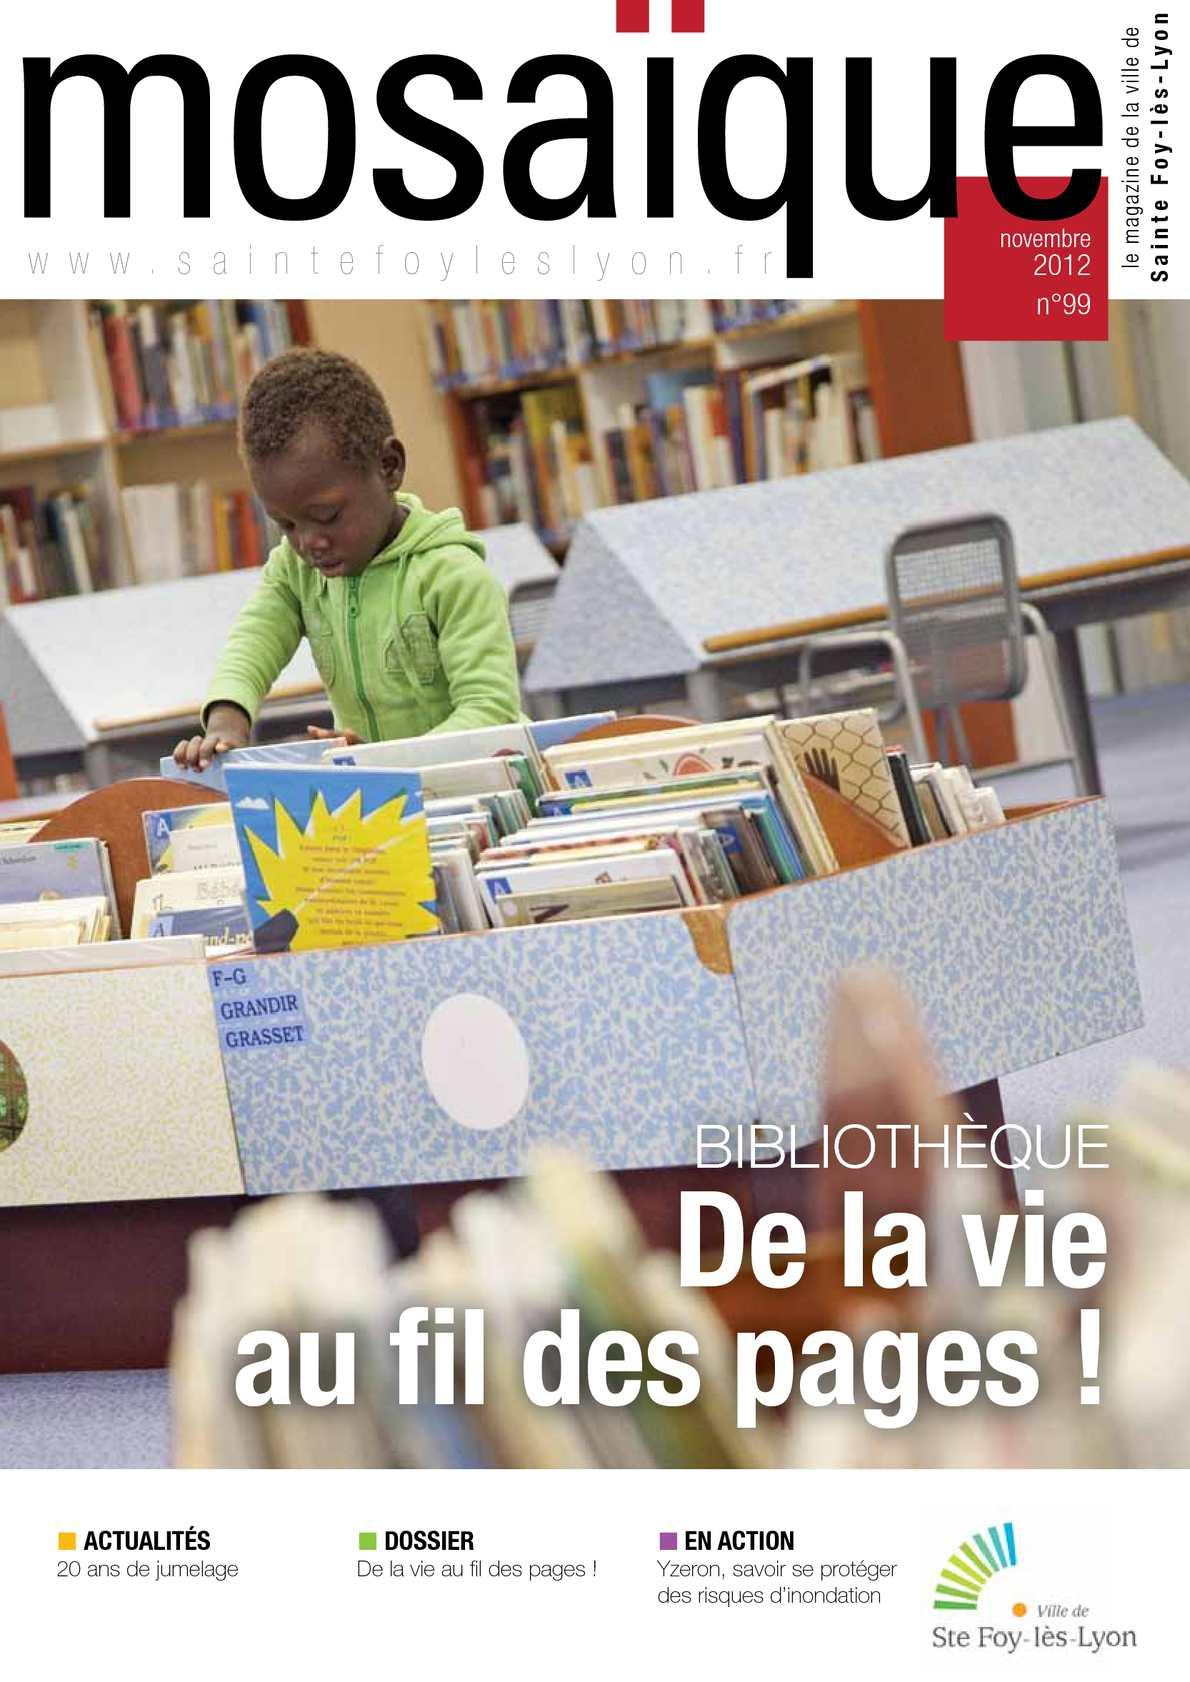 Bibliothèque Ste Foy Les Lyon calaméo - mosaïque n°99 novembre 2012